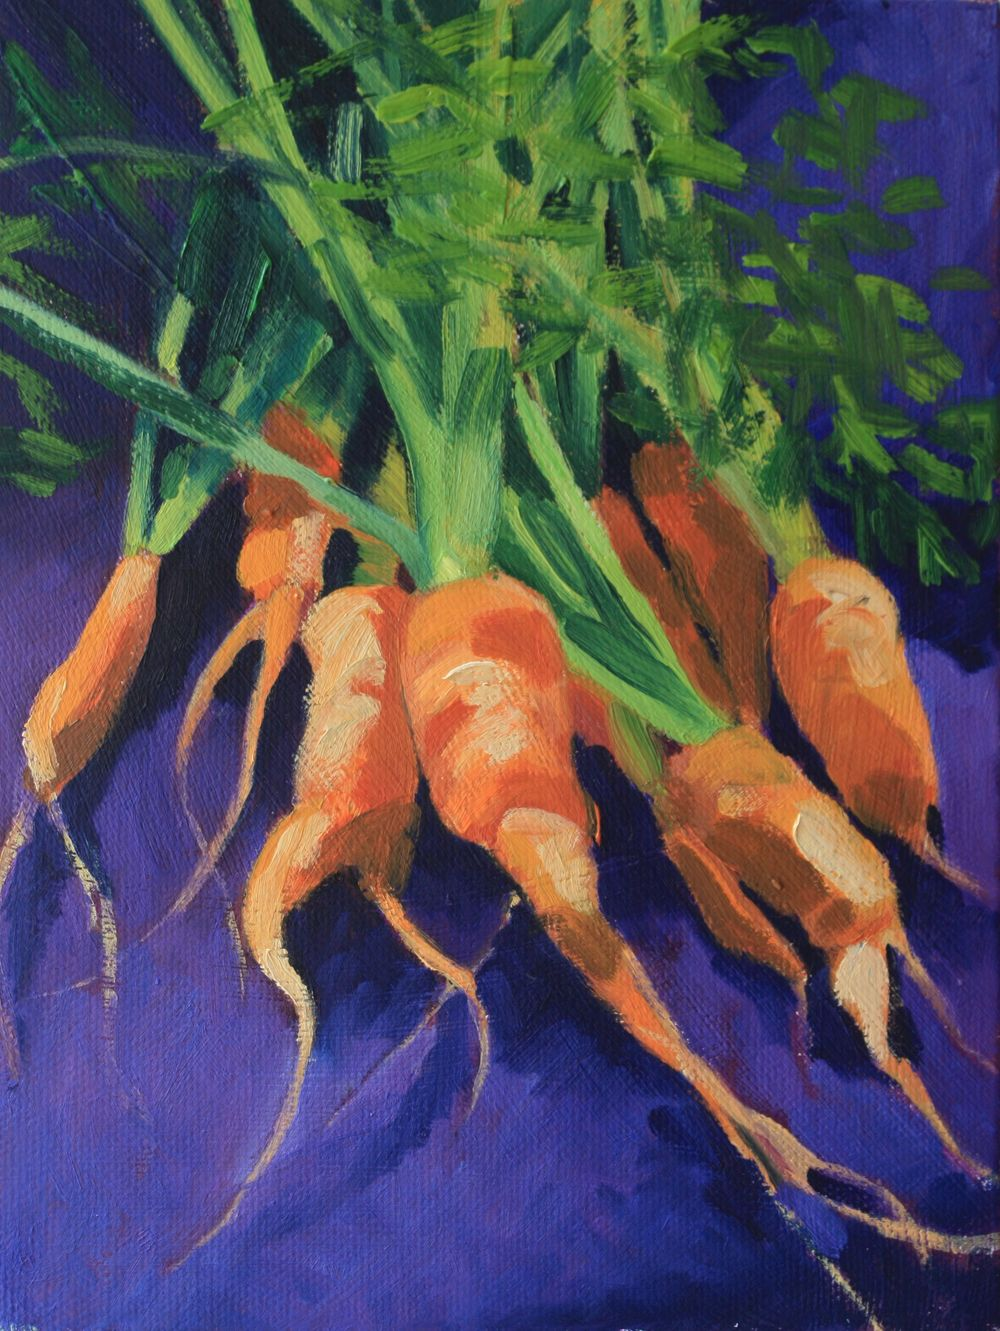 Heirloom Carrots from my Garden